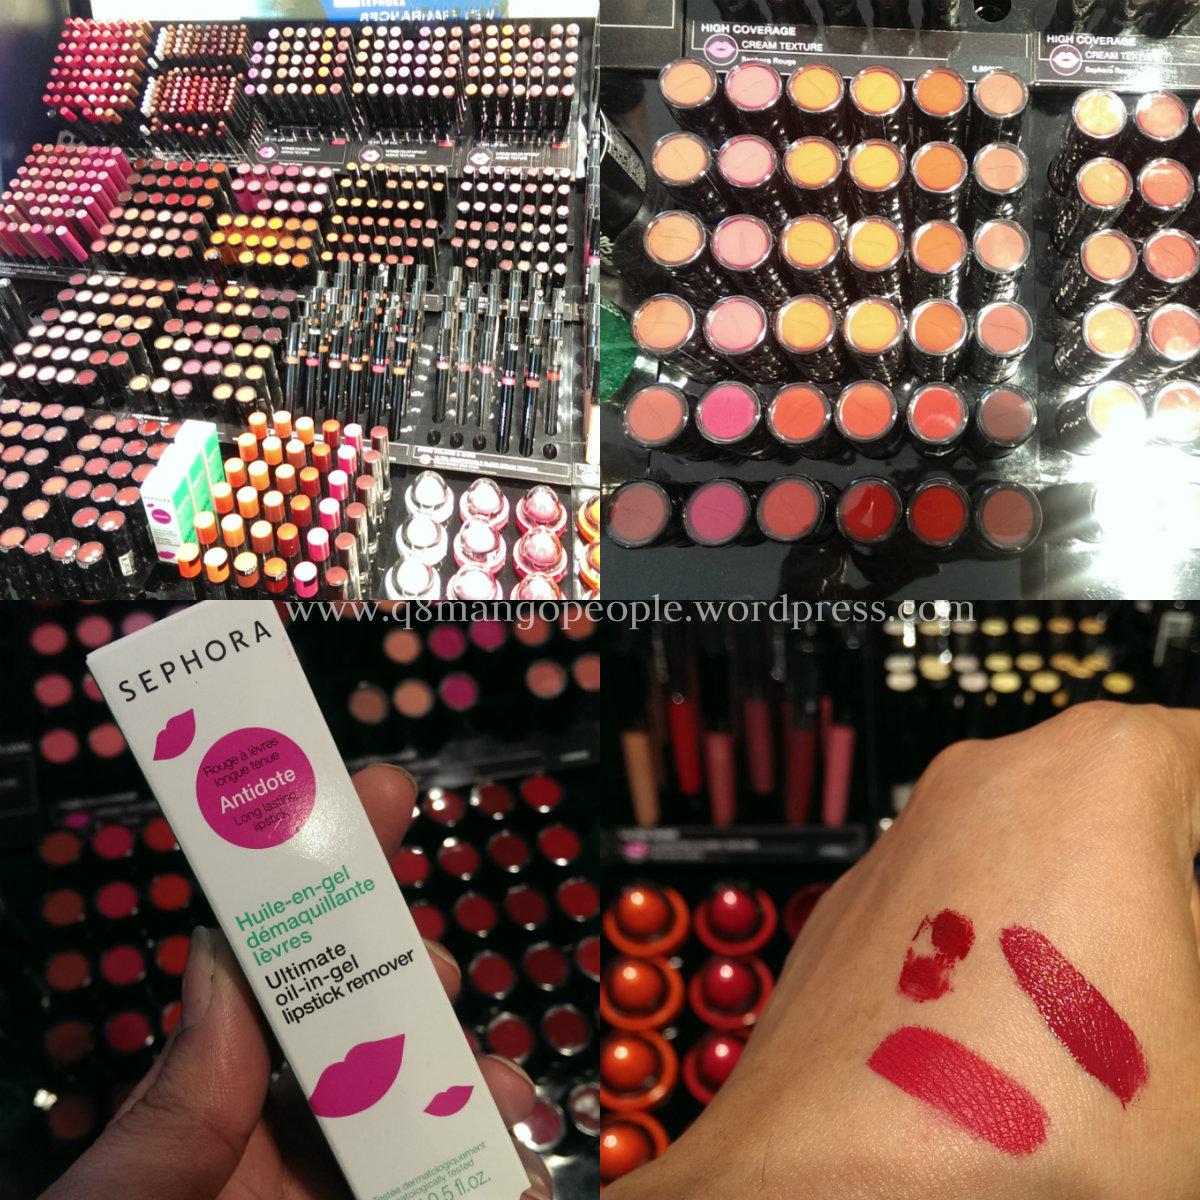 Sephora Makeup Kuwait Q8 Mango People